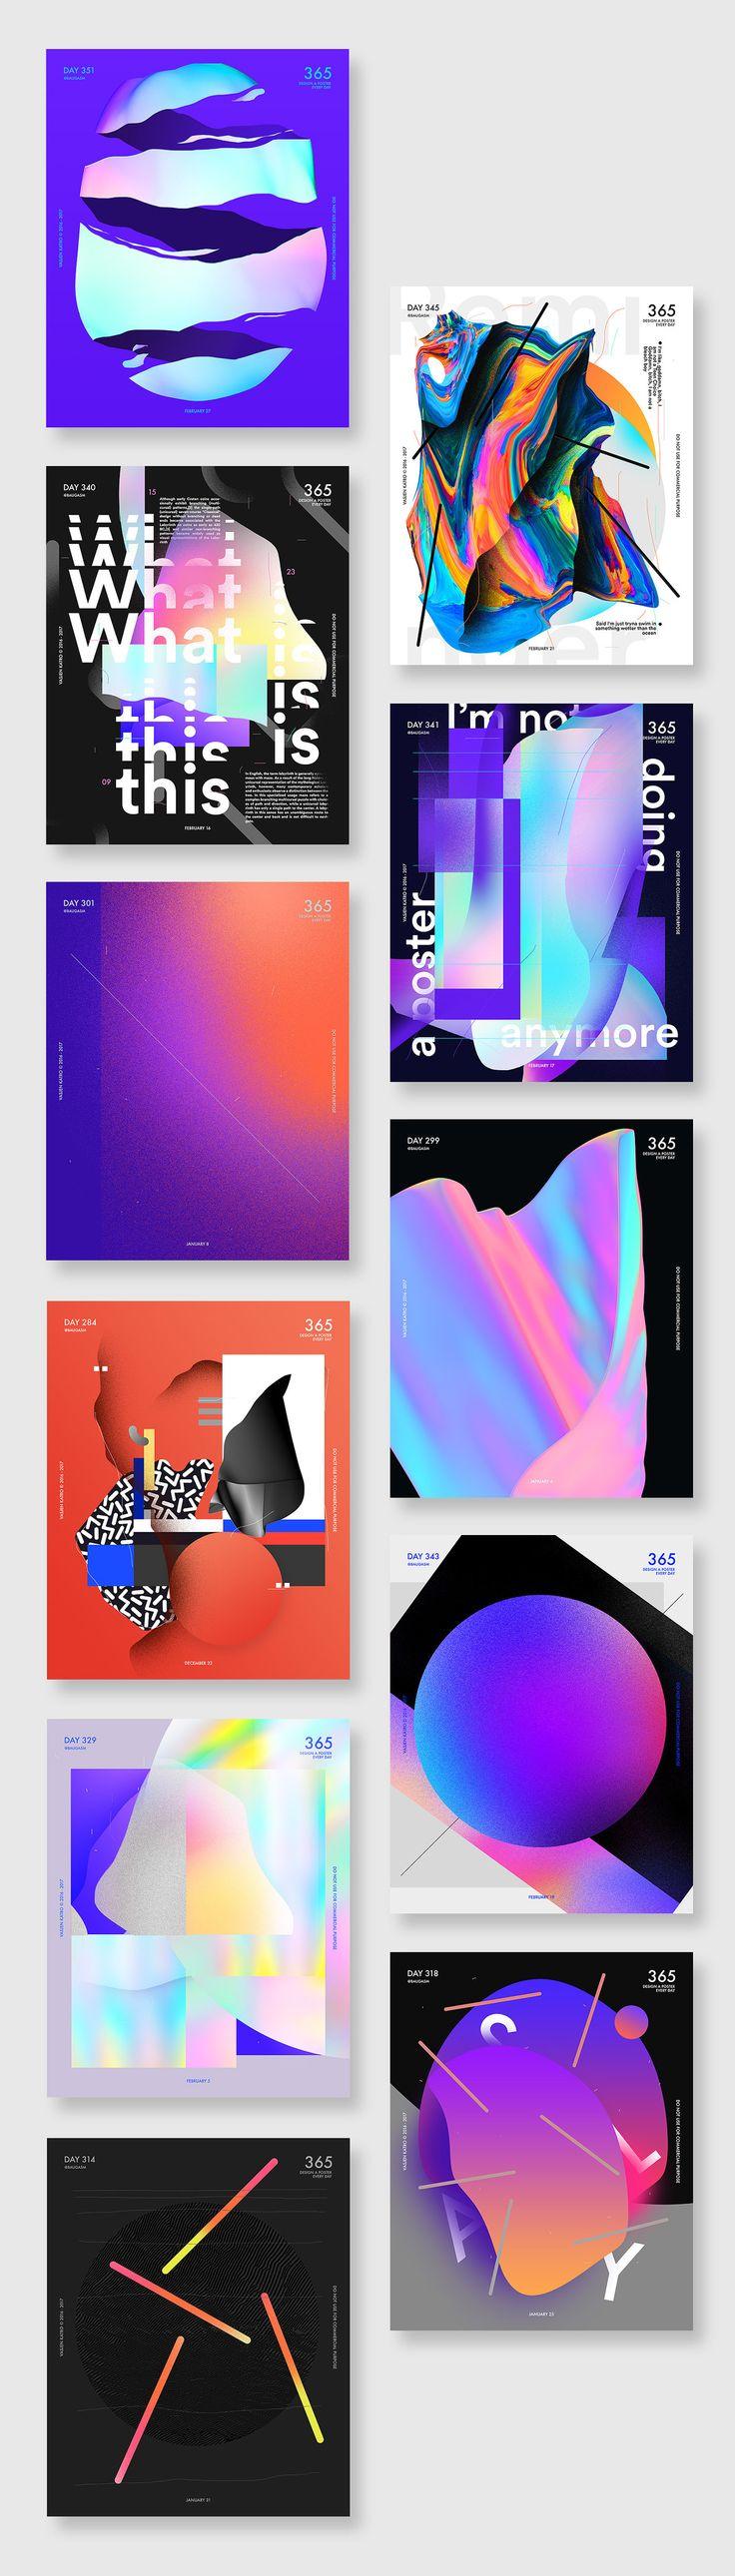 컬러 사용의 트렌드와 분석 | 몇 년 전 apple의 조나단 아이브가 iOS7을 통해 Flat Design (평면 디자인)과 Gradient Color (그라디언트 컬러)를 대중들에게 소개한 이후 우리는, 이것이 사용성 측면에서 옳은 것인가 그른 것인가에 대한 사상 공론을 넘어서, 과연 이것이 사람들이 좋아할 것인가라는 근원적인 의문을 많이들 품었었다. 하지만, 요즘의 디자인 트렌드를